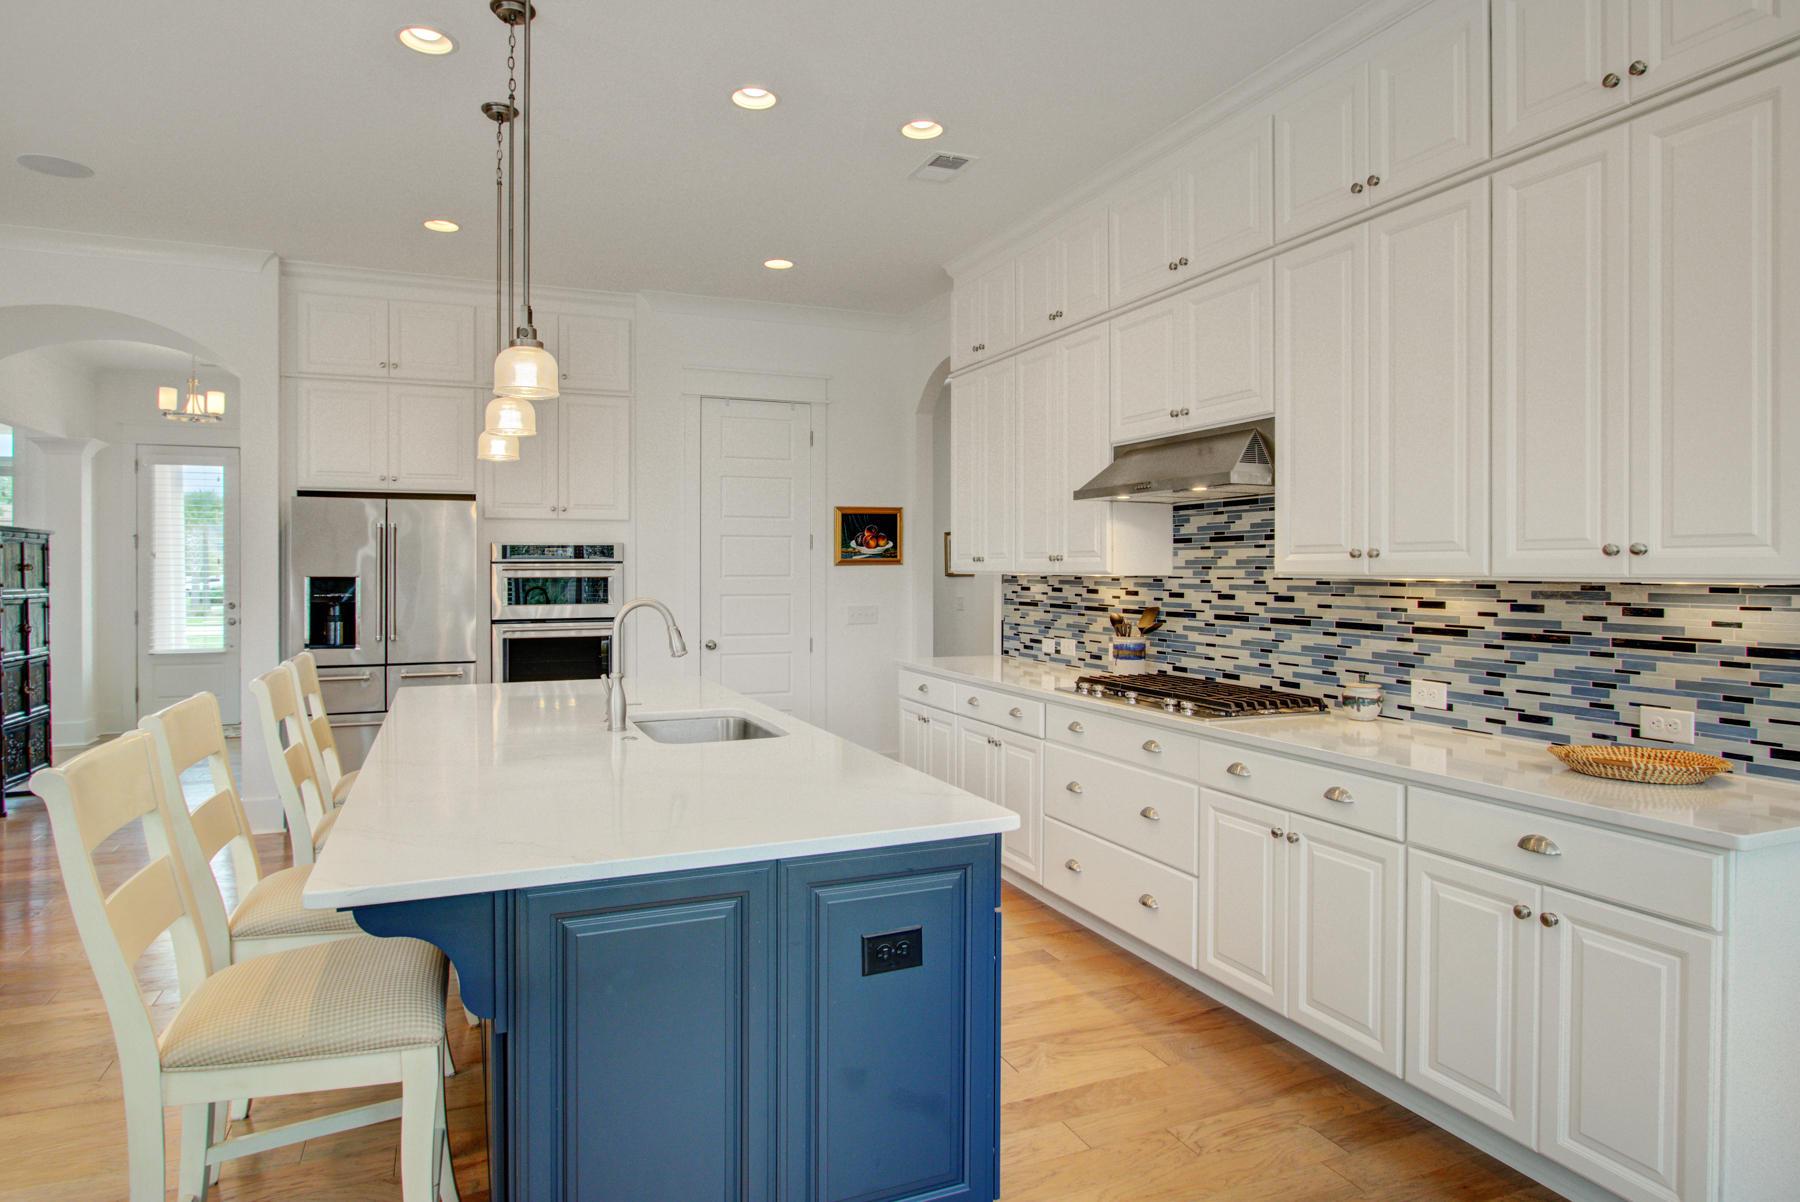 Dunes West Homes For Sale - 2984 Yachtsman, Mount Pleasant, SC - 52